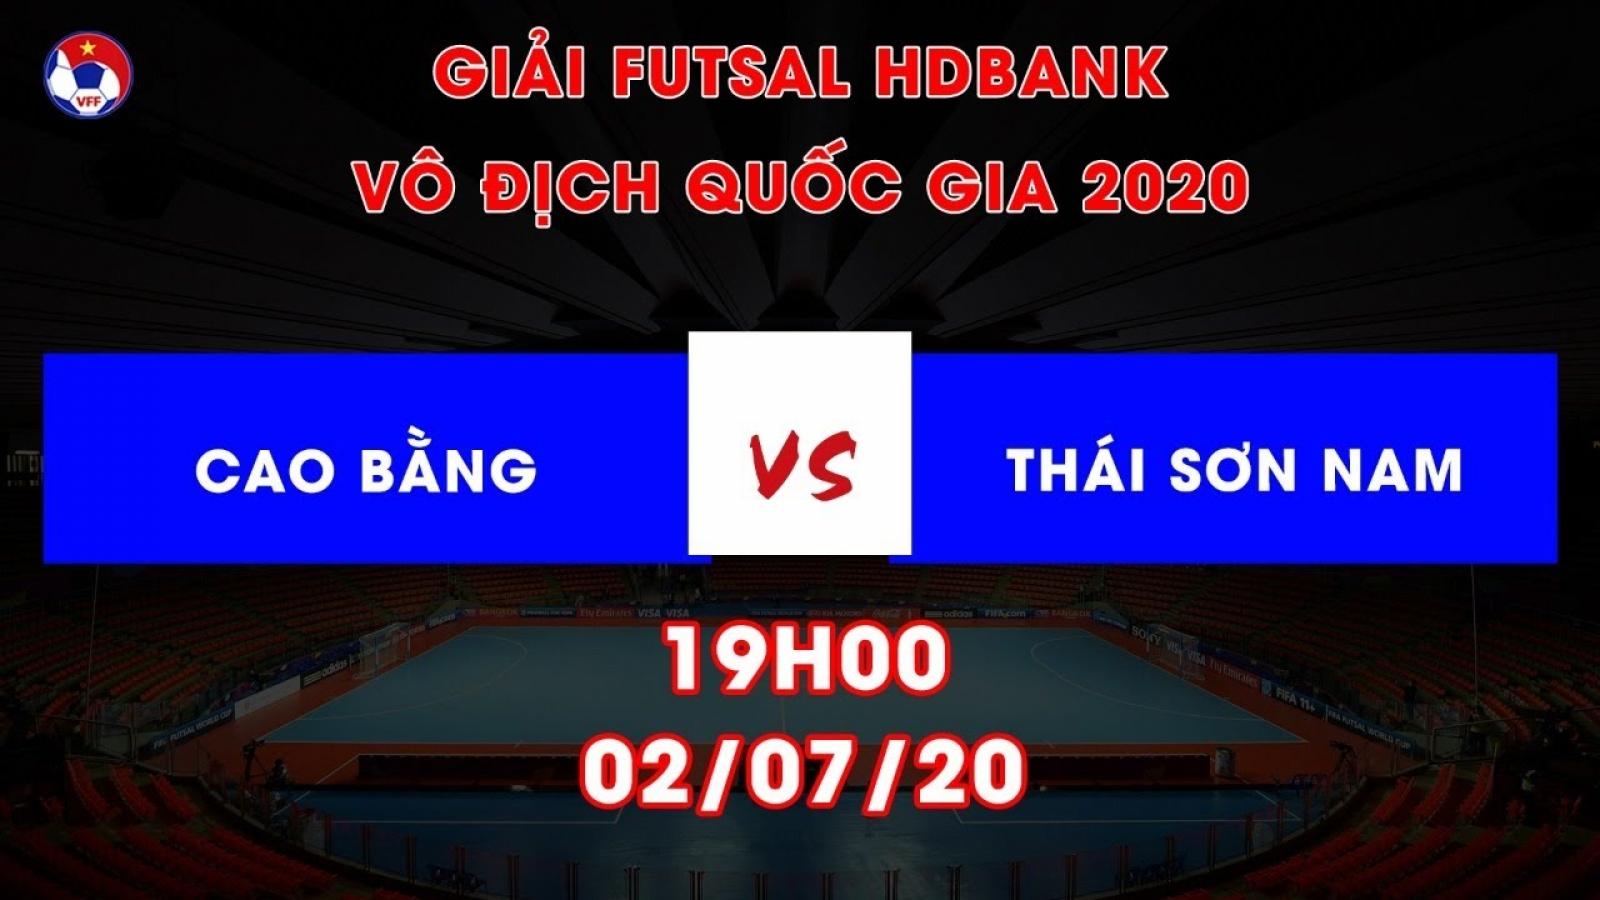 Xem trực tiếp Cao Bằng - Thái Sơn Nam Giải Futsal HDBank VĐQG 2020